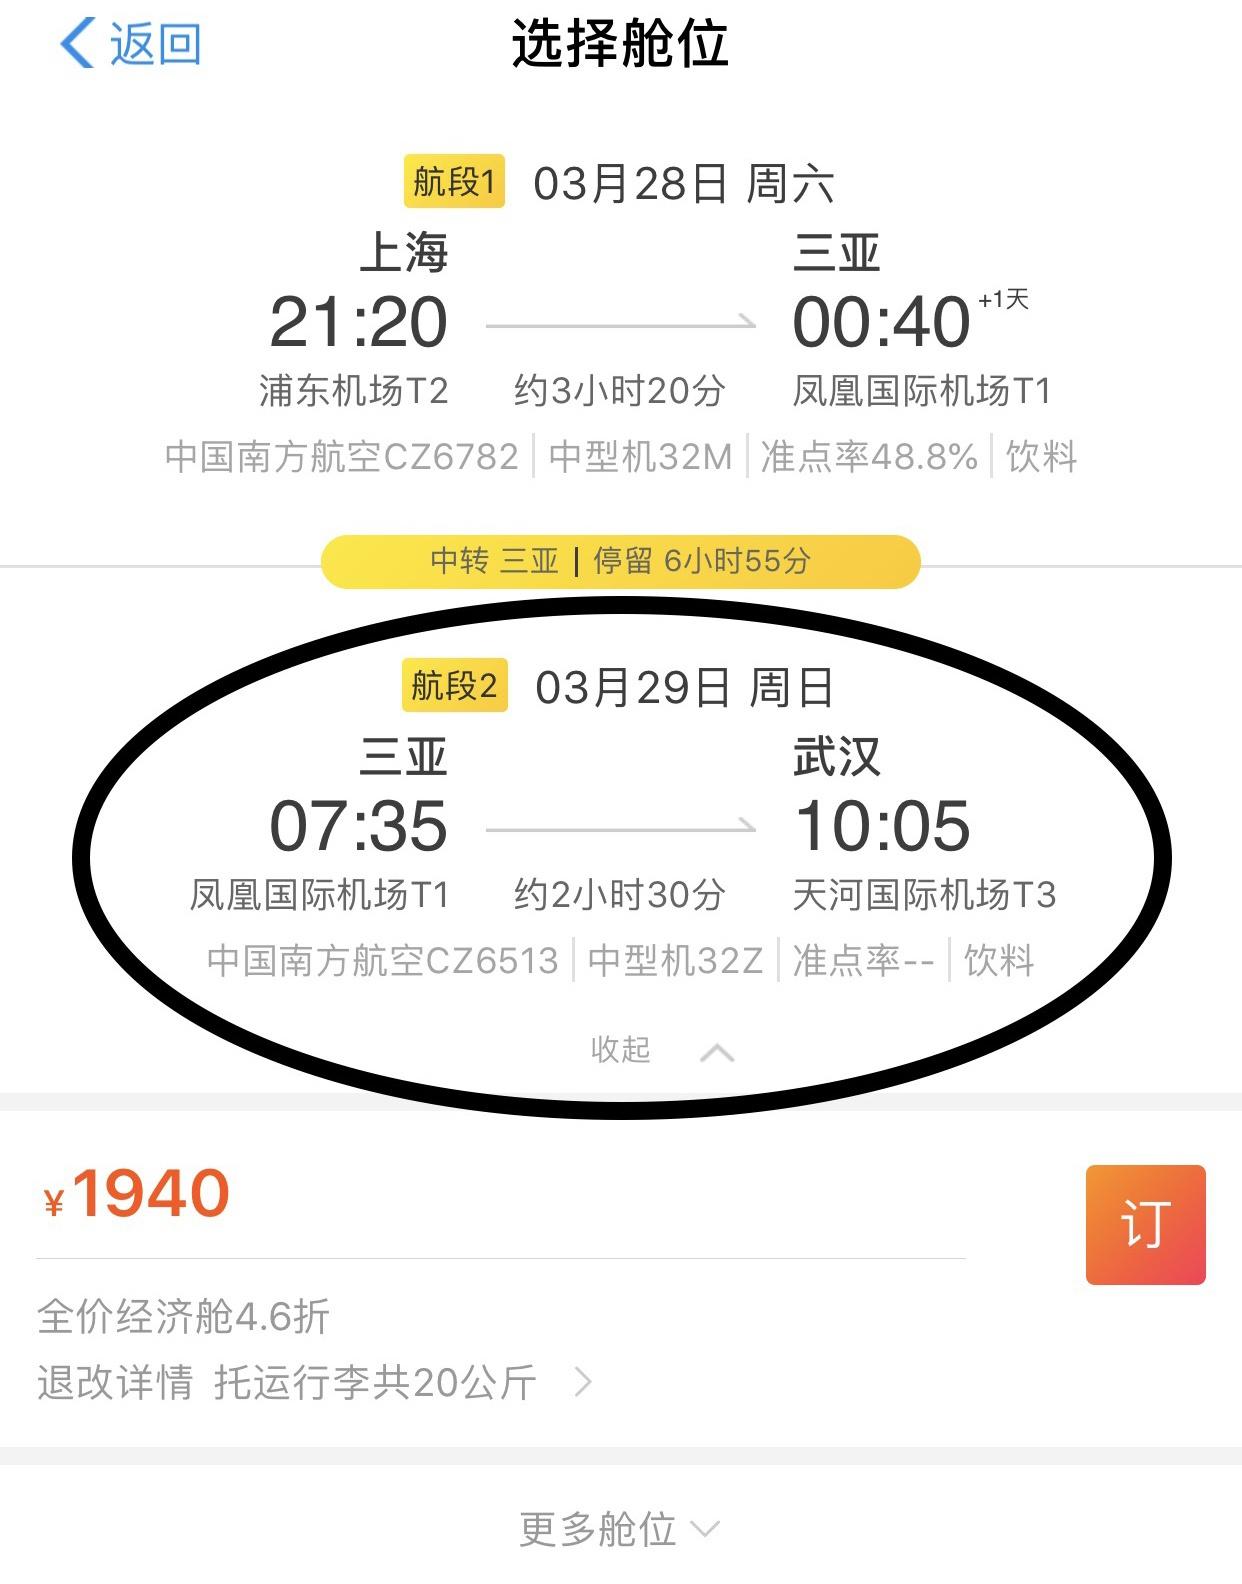 爱彼迎中国设立7000万元专项基金十项承诺抗击疫情